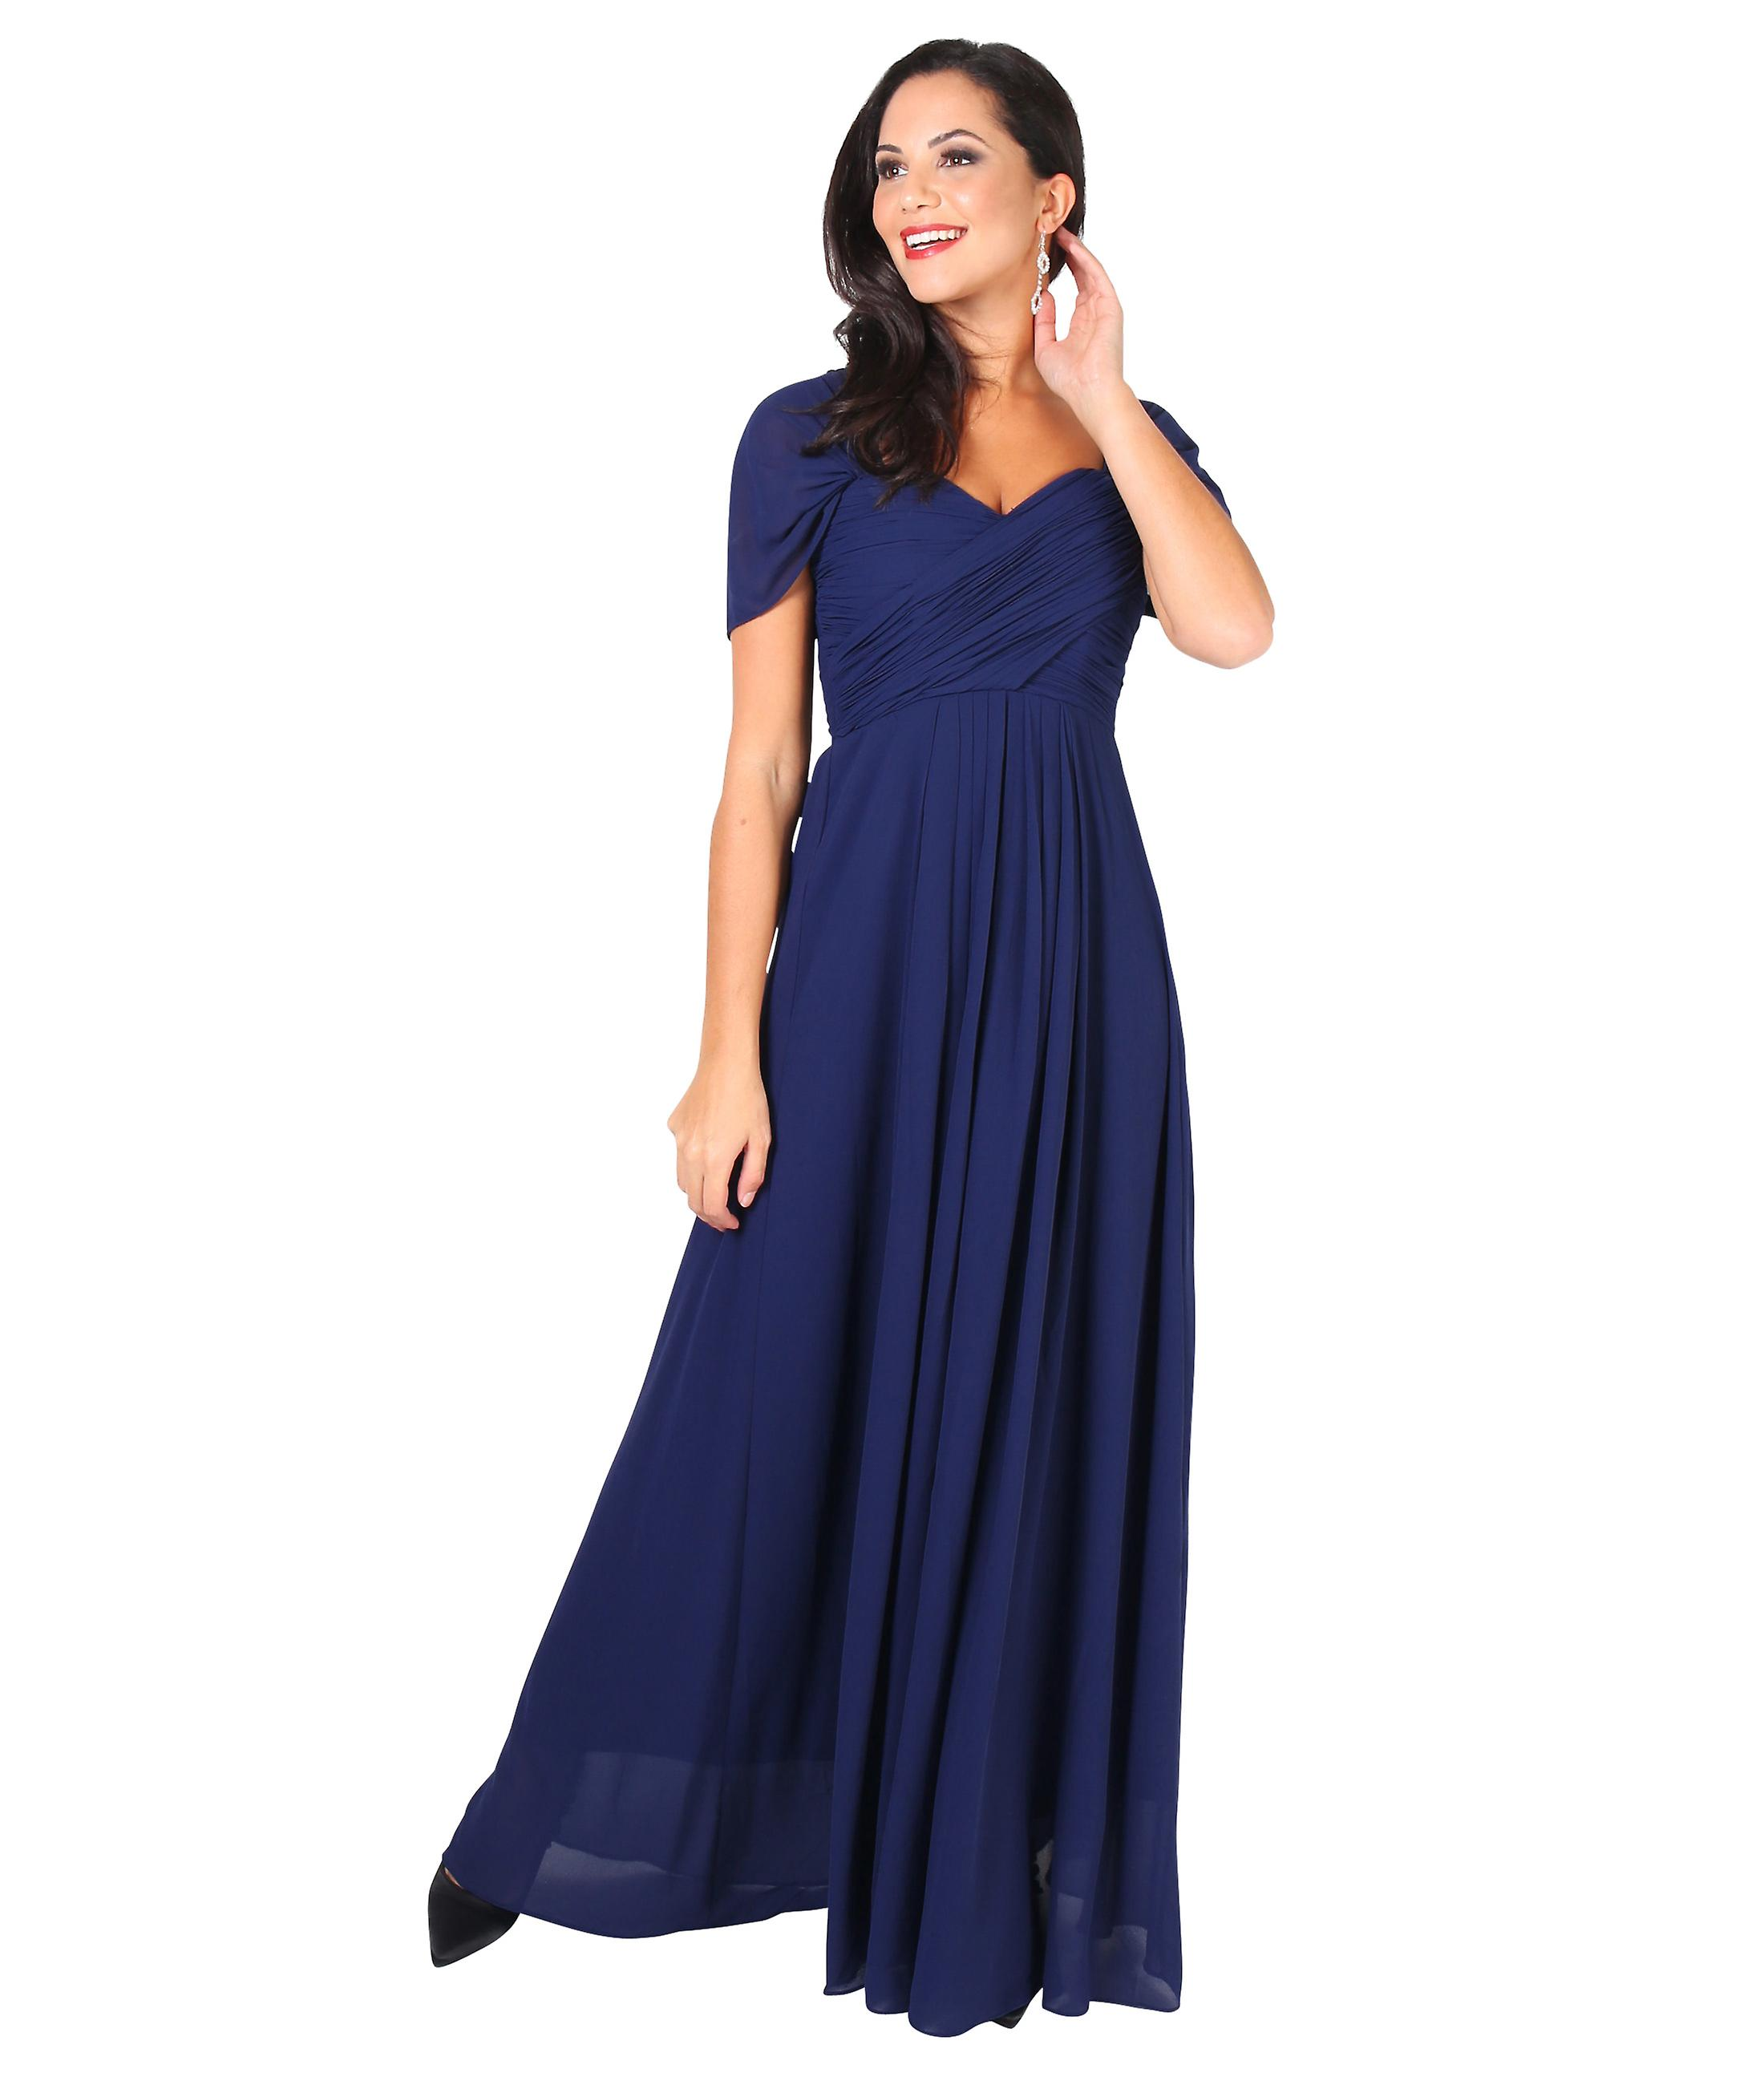 0cc5c7bc KRISP kvinner Prom Maxi kjole på off skulder Ball kappe kveld bryllup Long  Party 8-